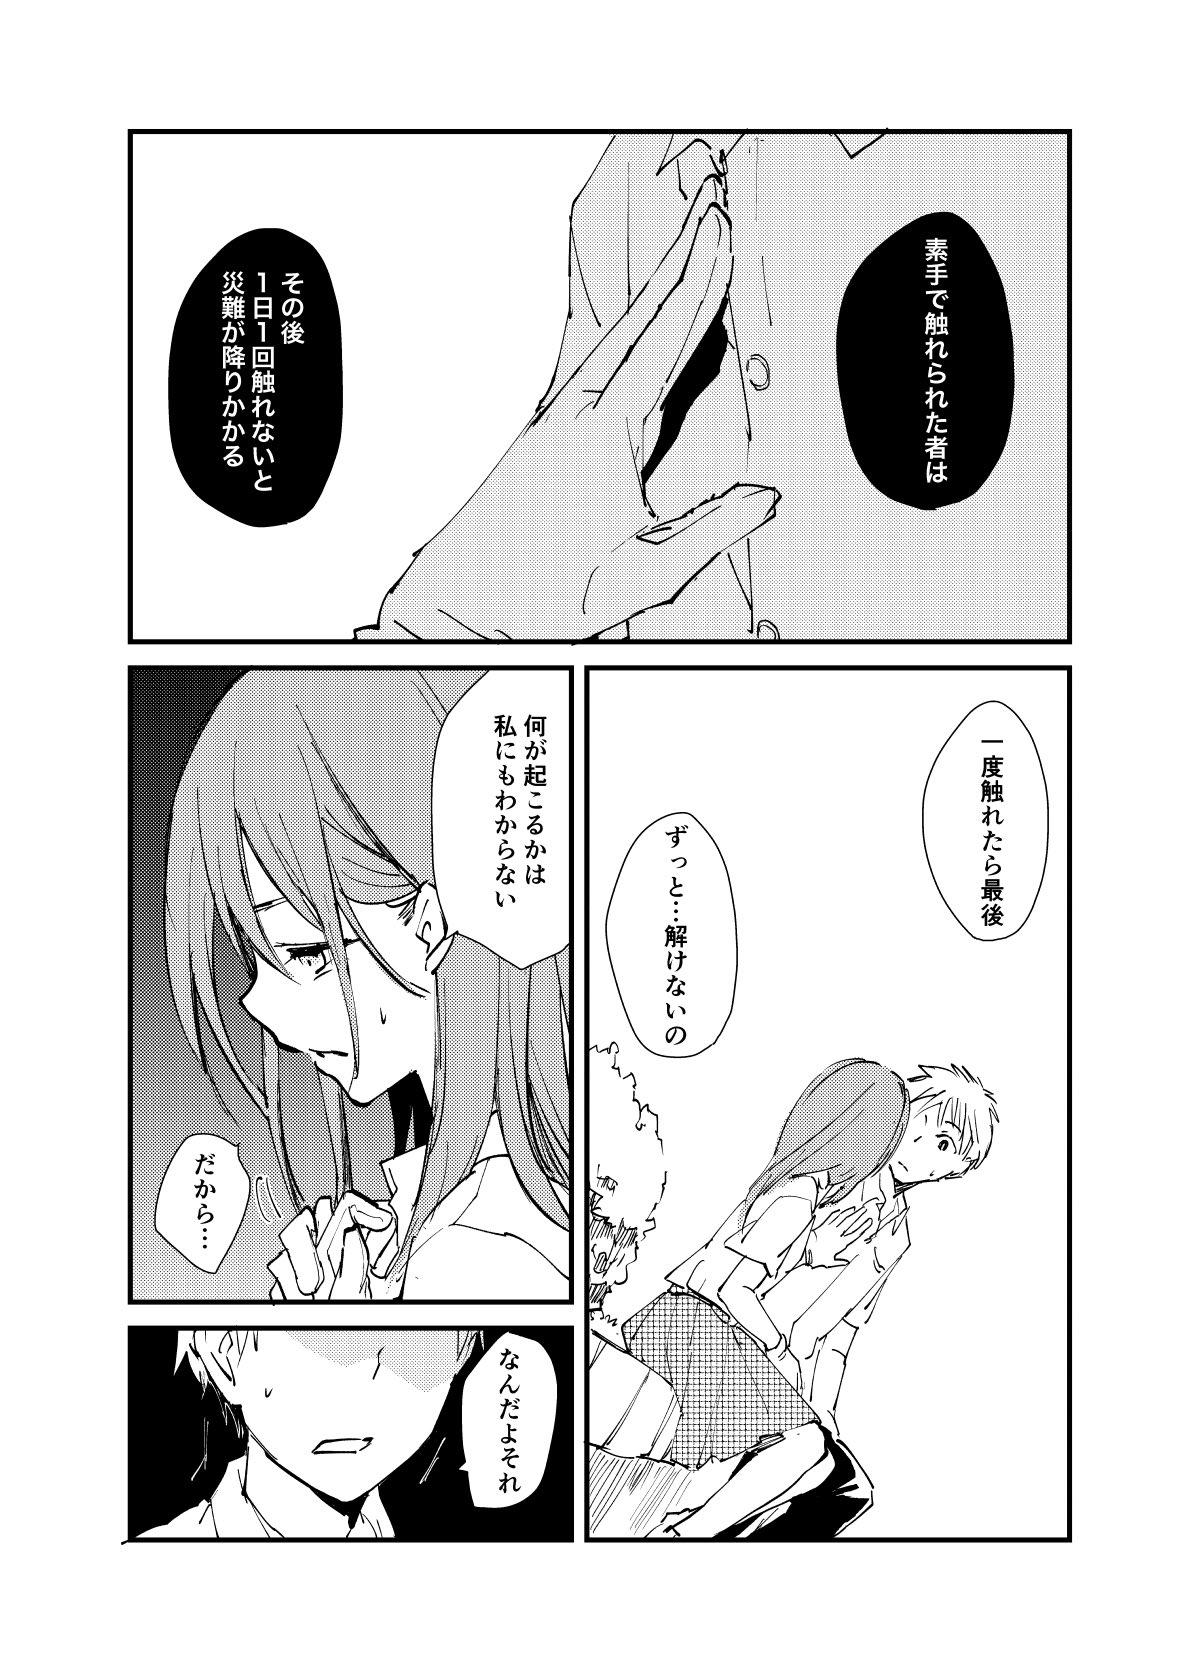 手袋をした女の子が手袋を外さない理由とその結末に地味にグッとくるww